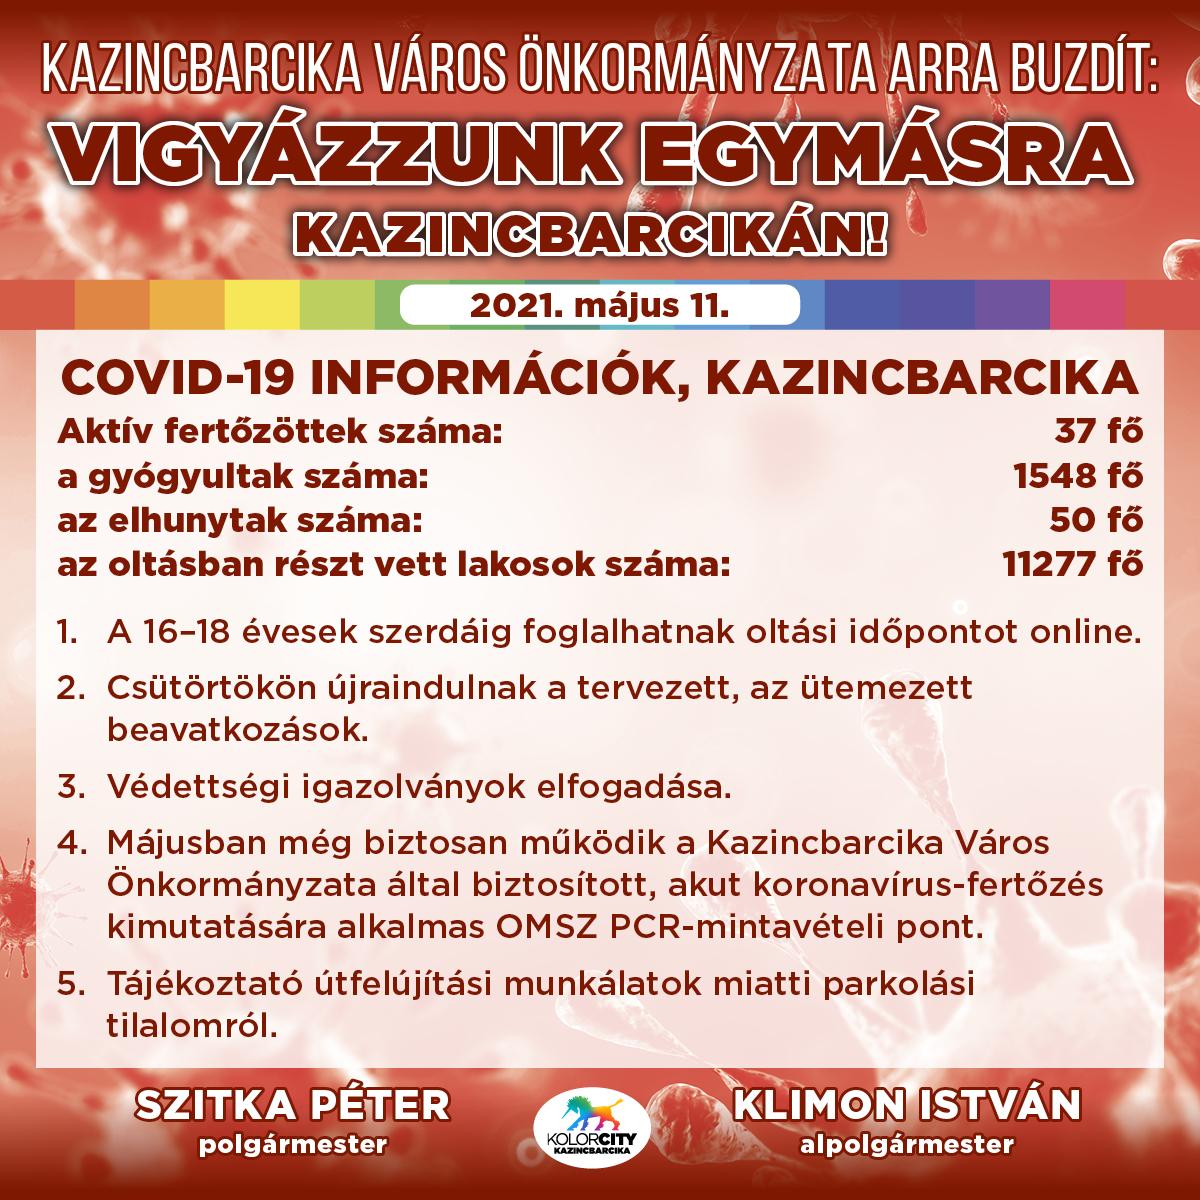 https://kolorline.hu/Vigyázzunk egymásra Kazincbarcikán! – 2021. május 11.